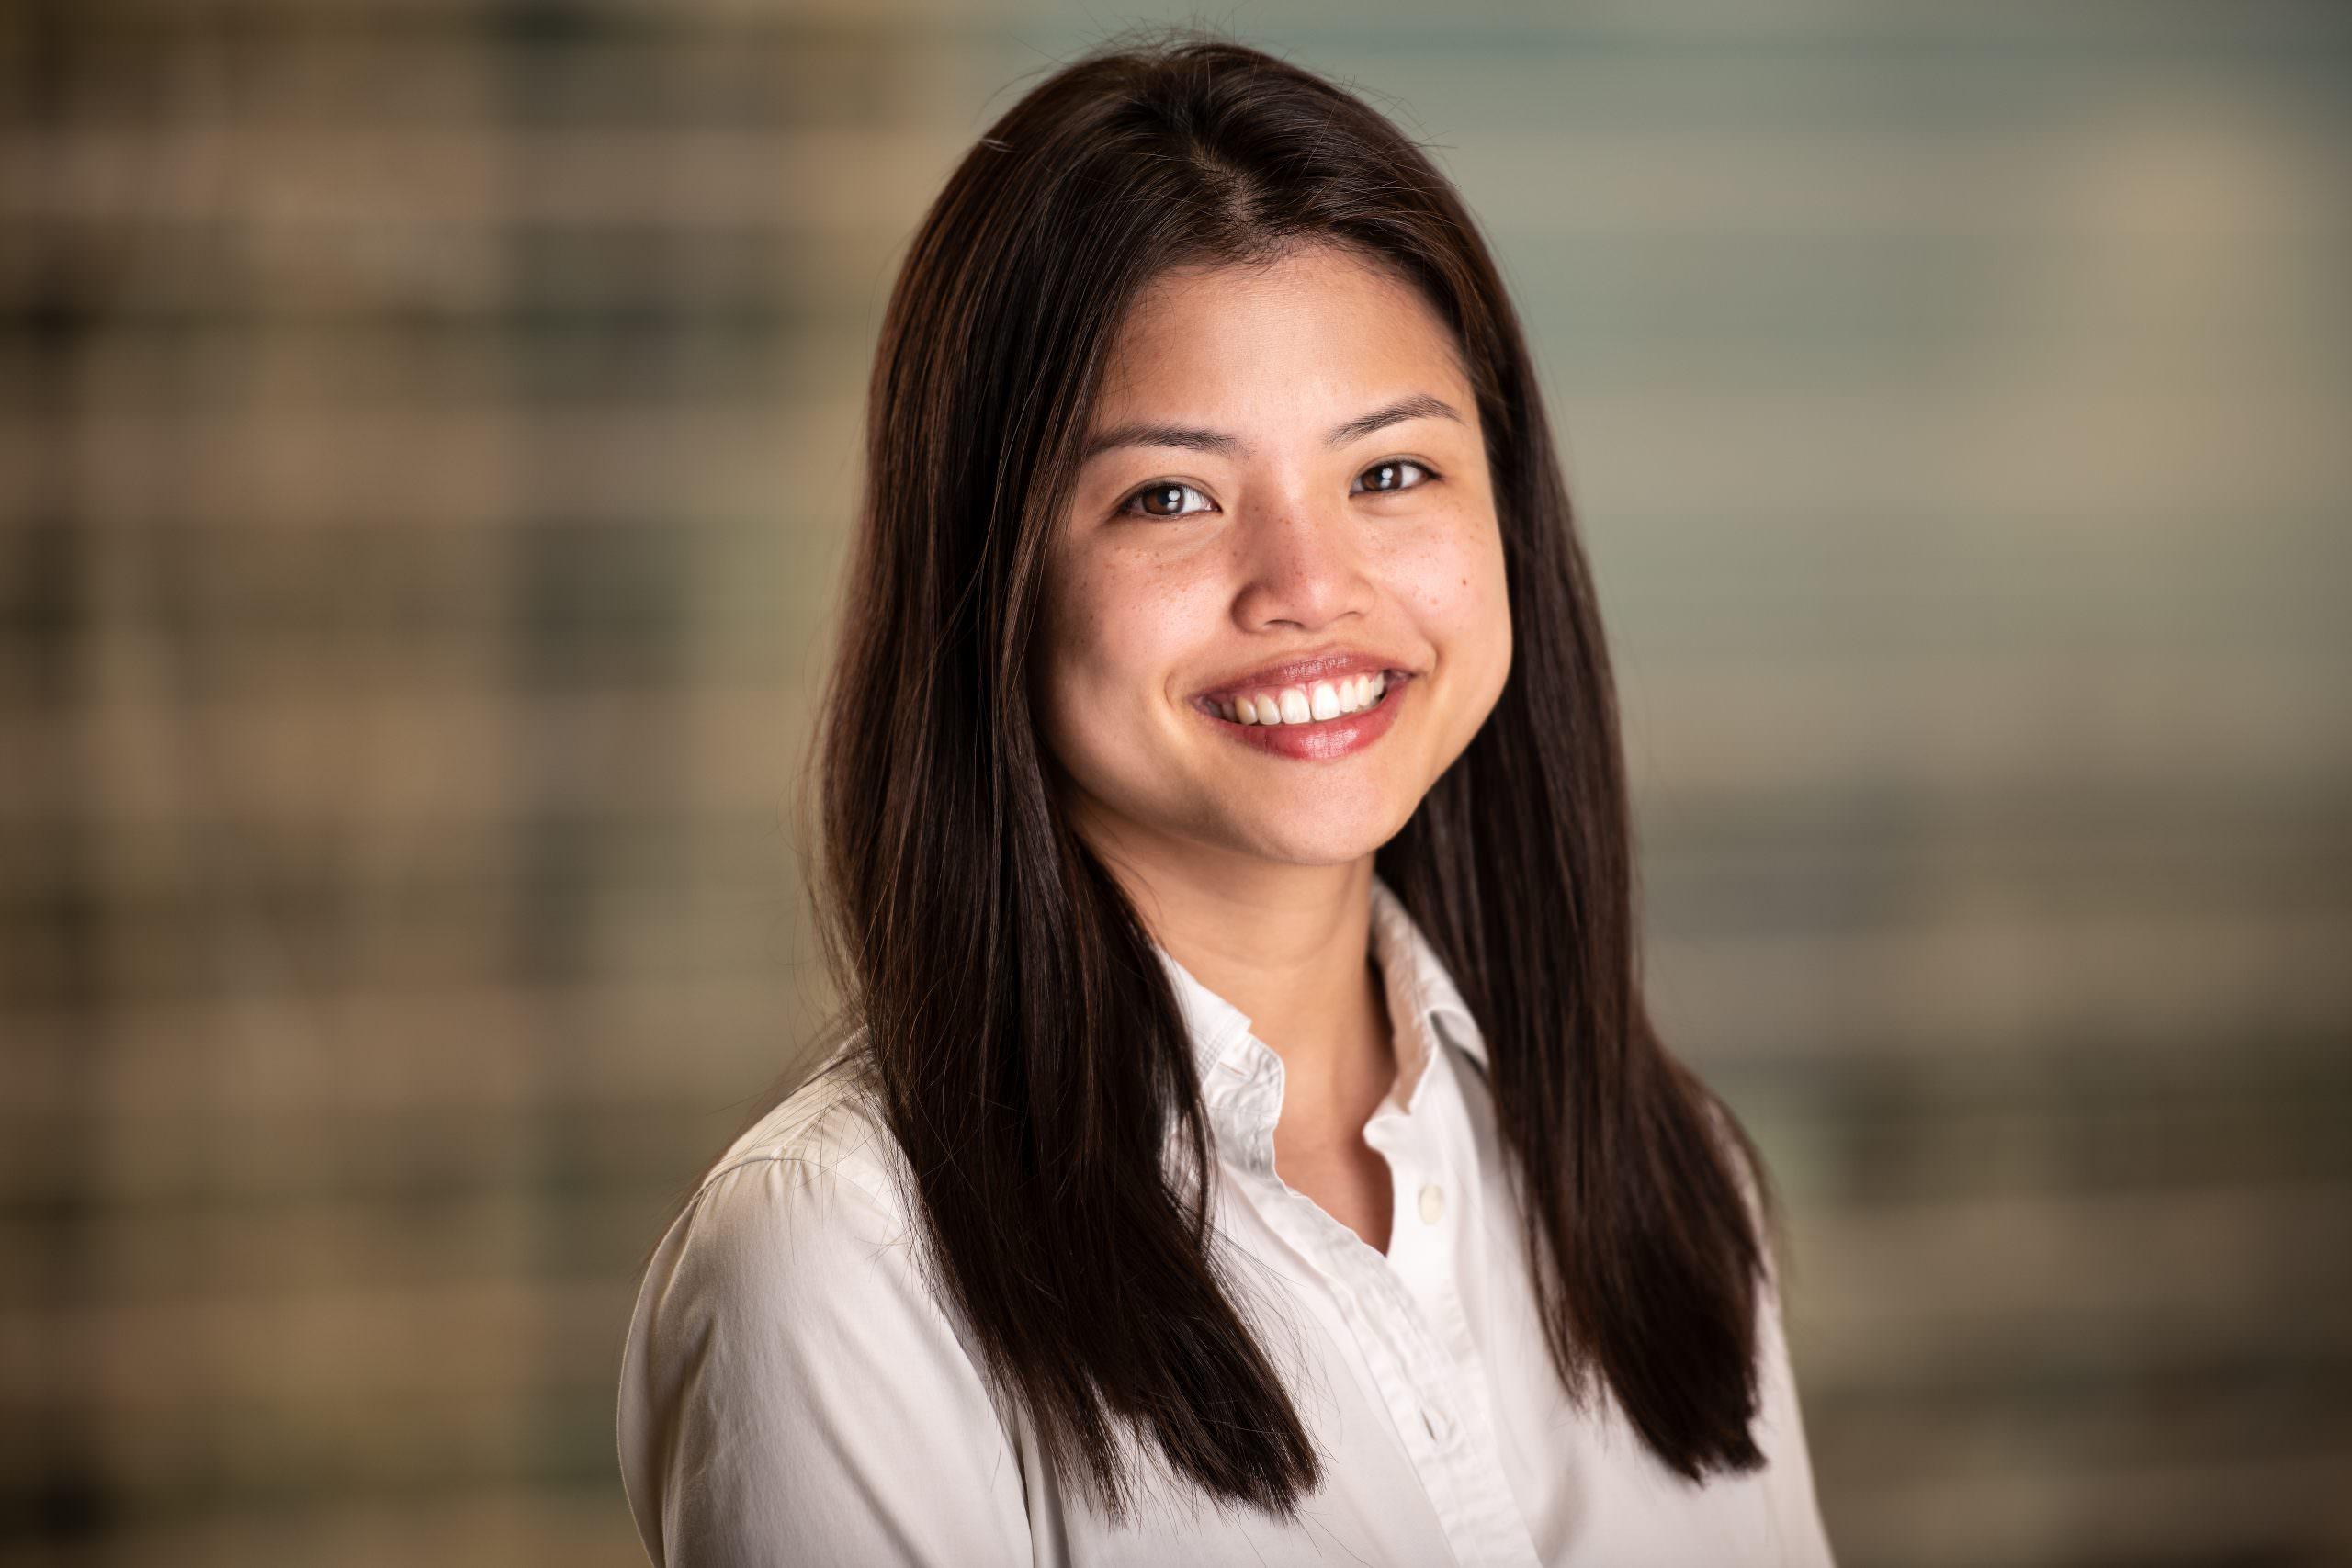 Aileen Nguyen